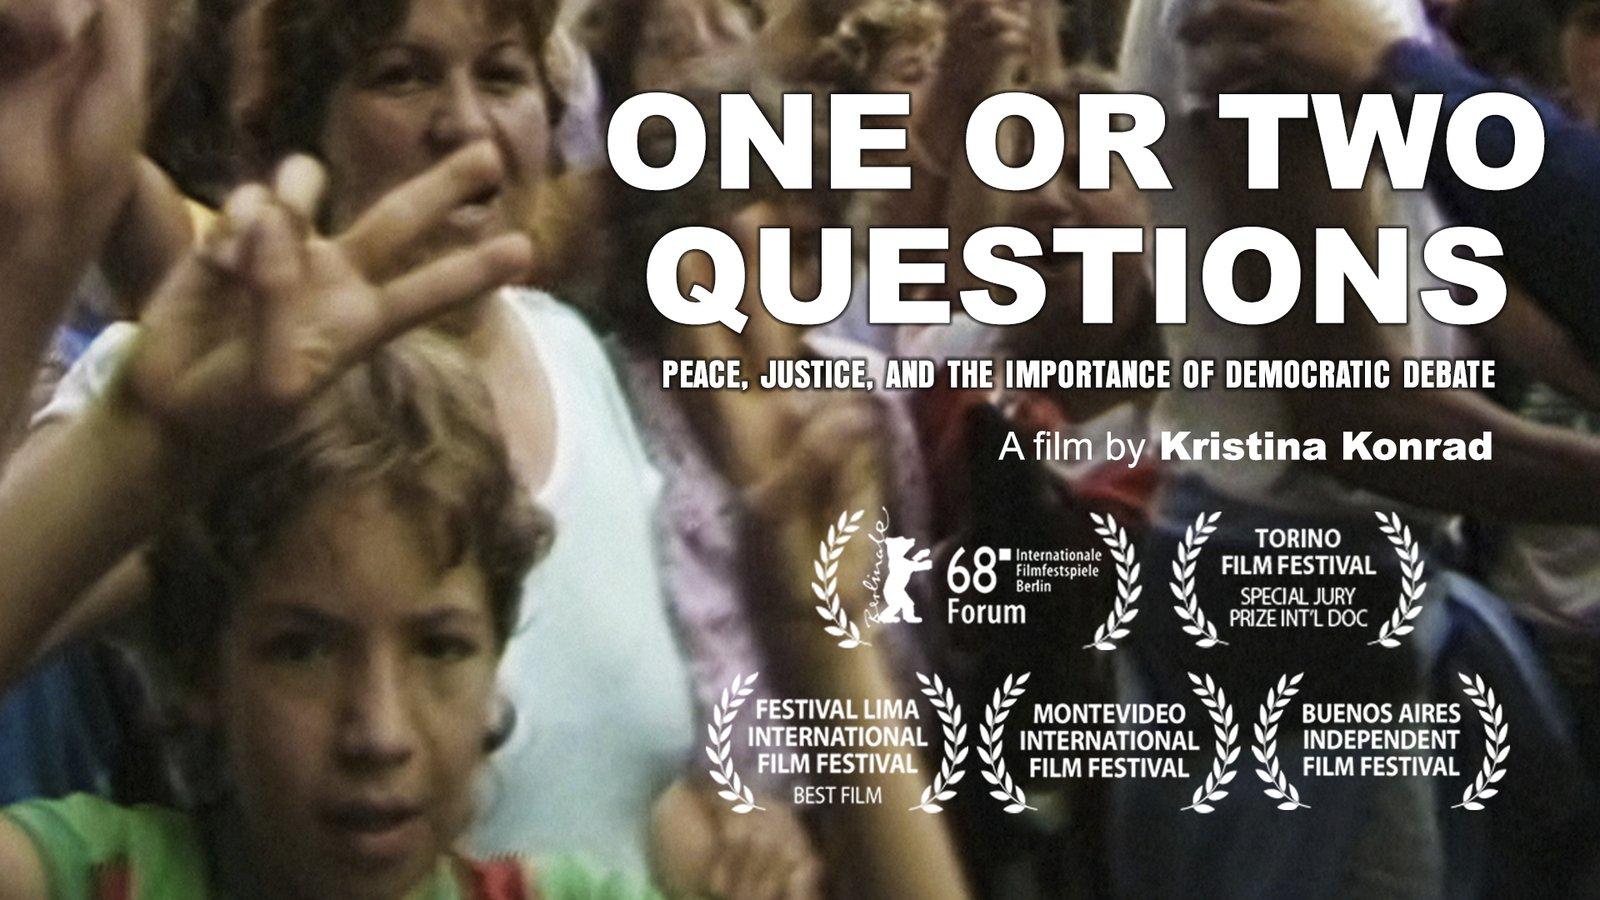 One or Two Questions - Unas Preguntas